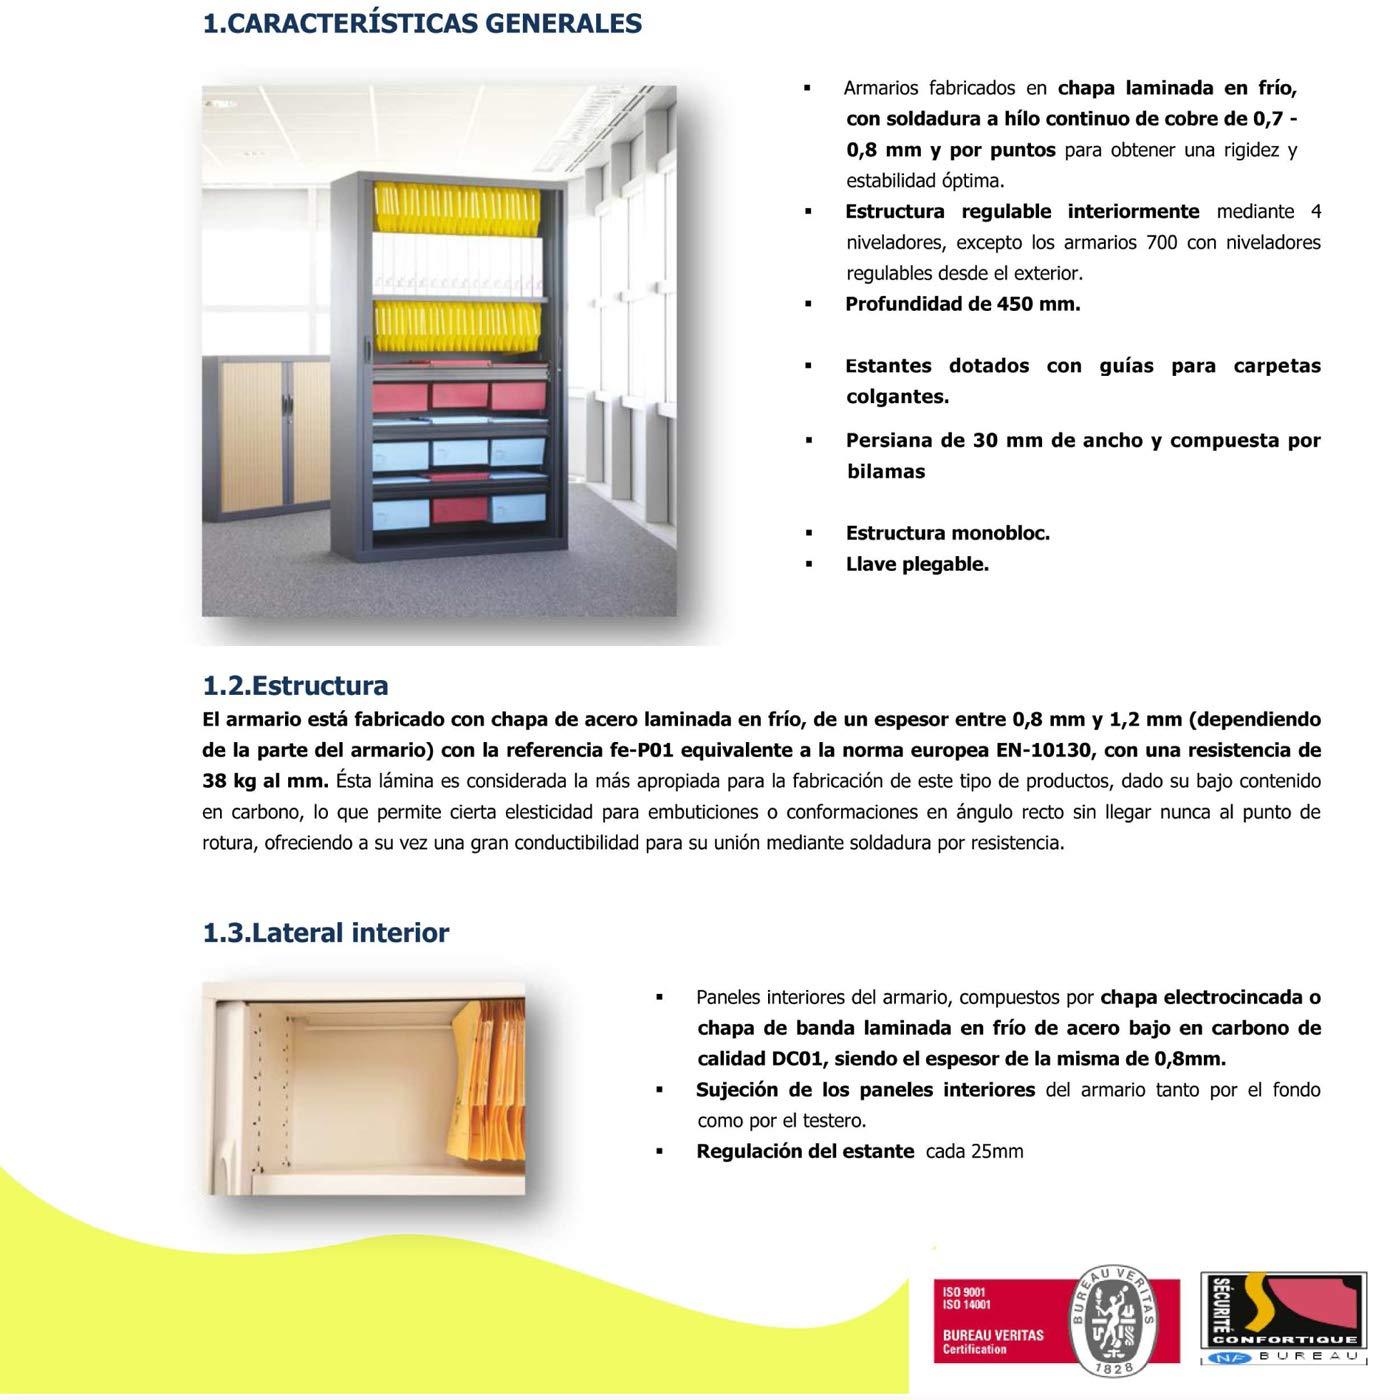 Armario metálico con puertas de persiana de 80x145x45 (ancho/alto/fondo) color blanco Ral 9003: Amazon.es: Oficina y papelería